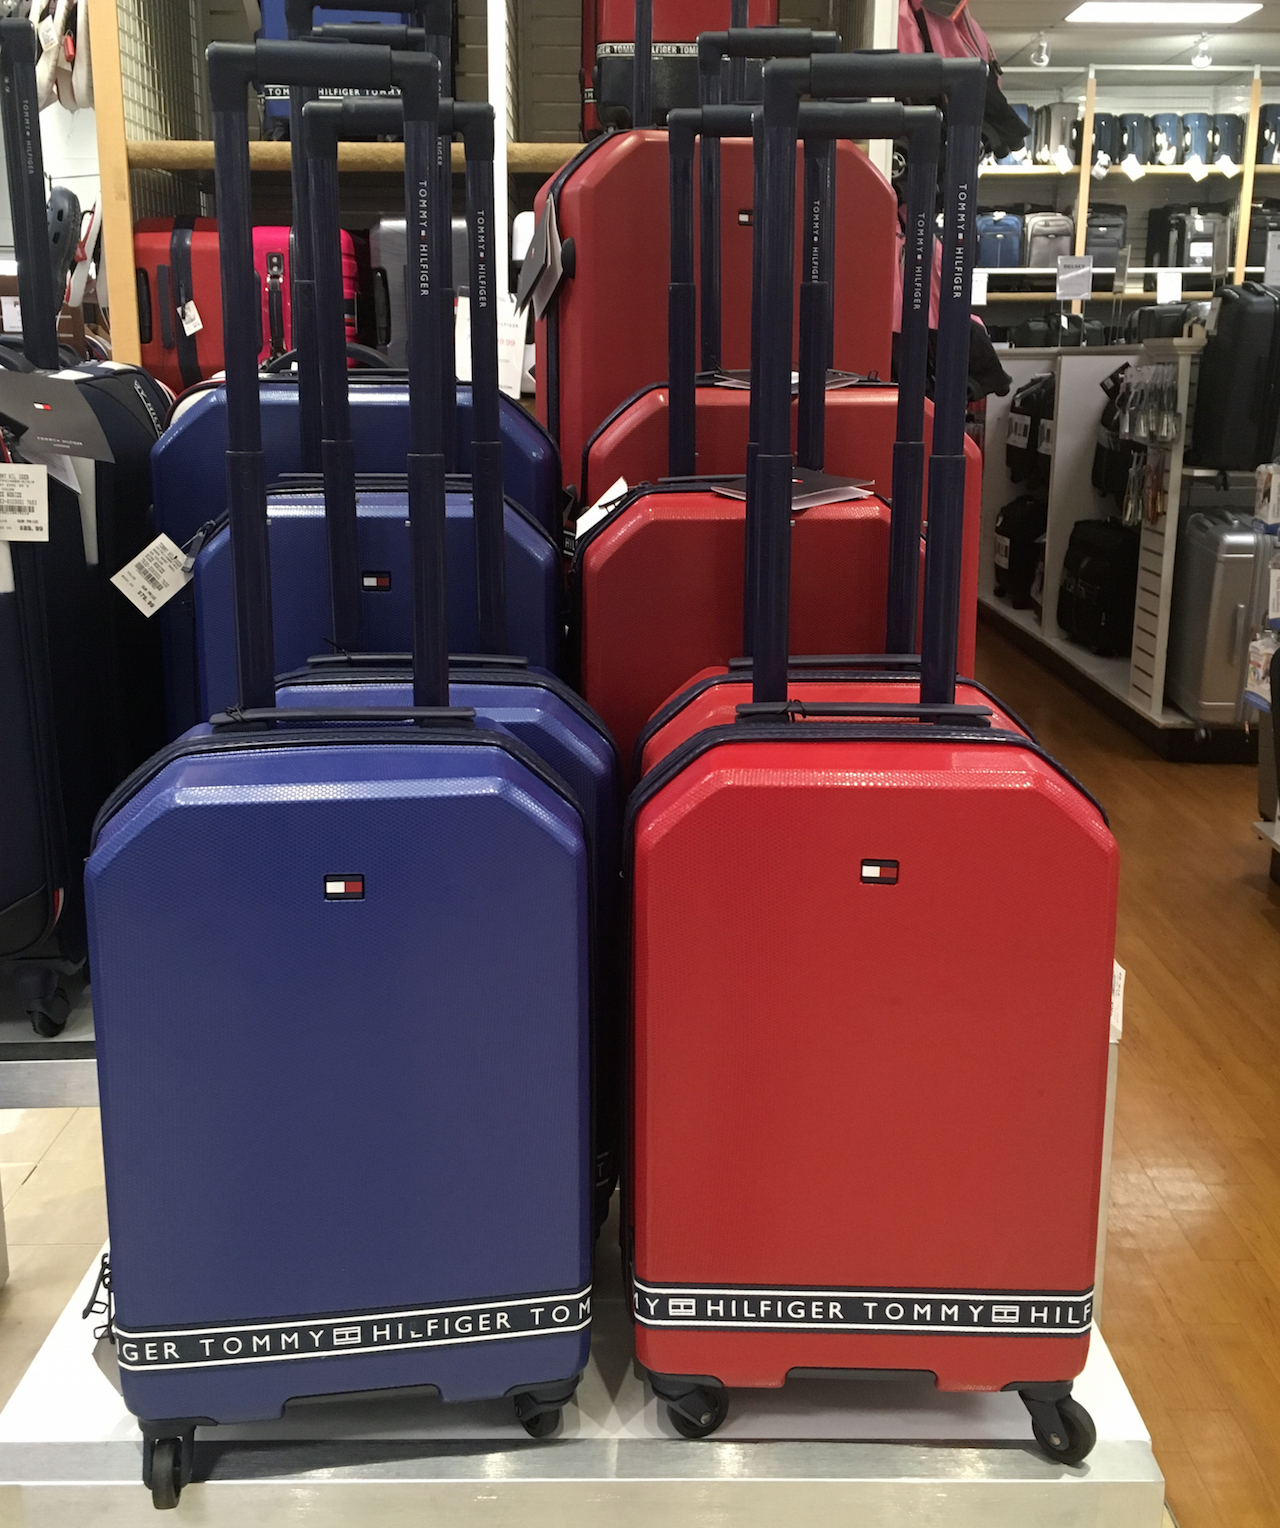 トミー・ヒルフィガー スーツケース 赤 青